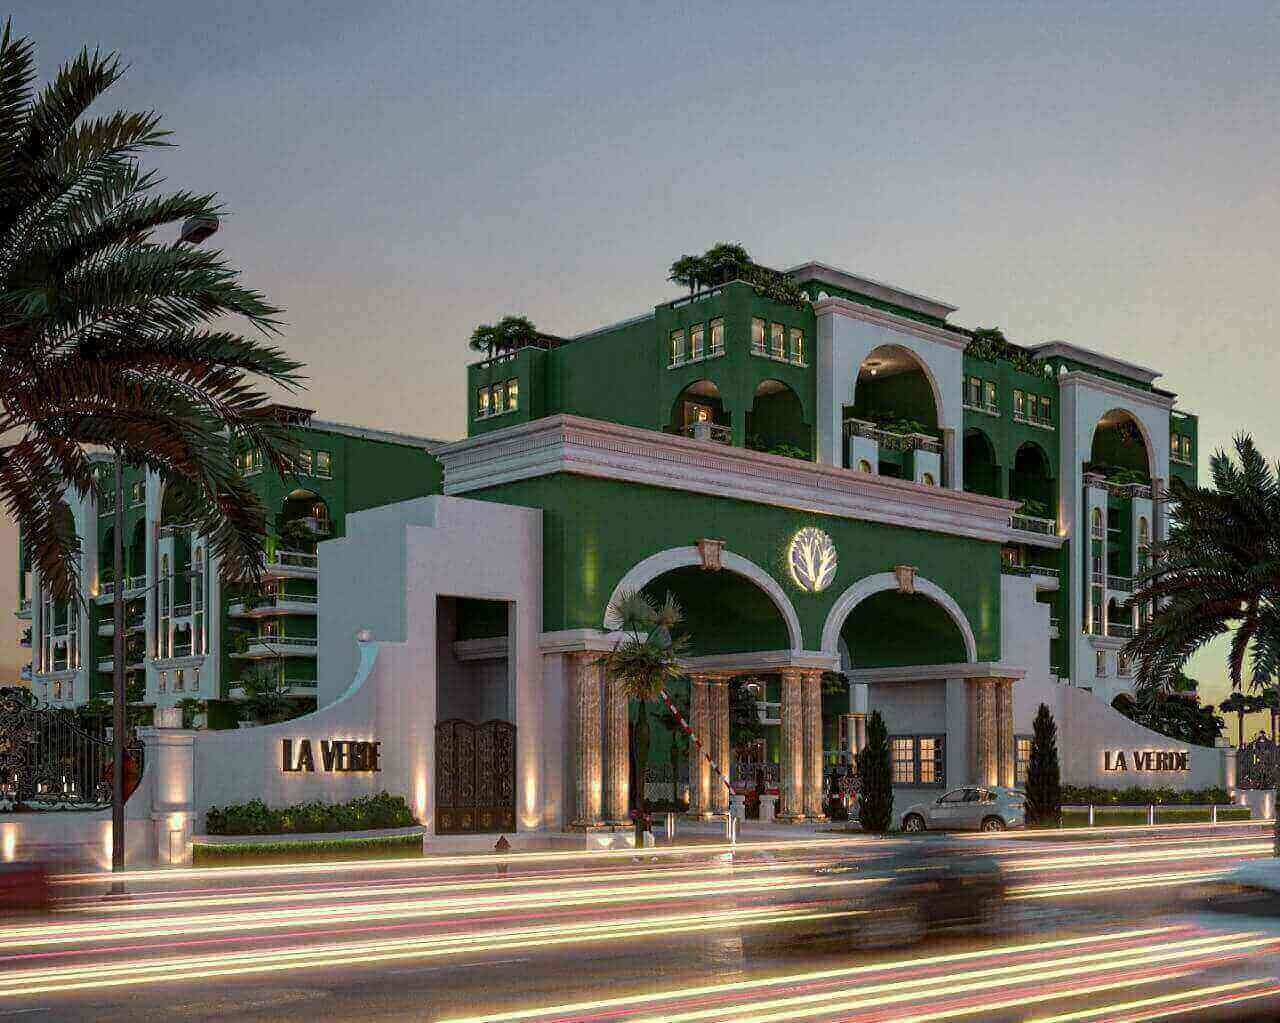 شركة لافيردى إيجيبت العقاريه La Verde Egypt